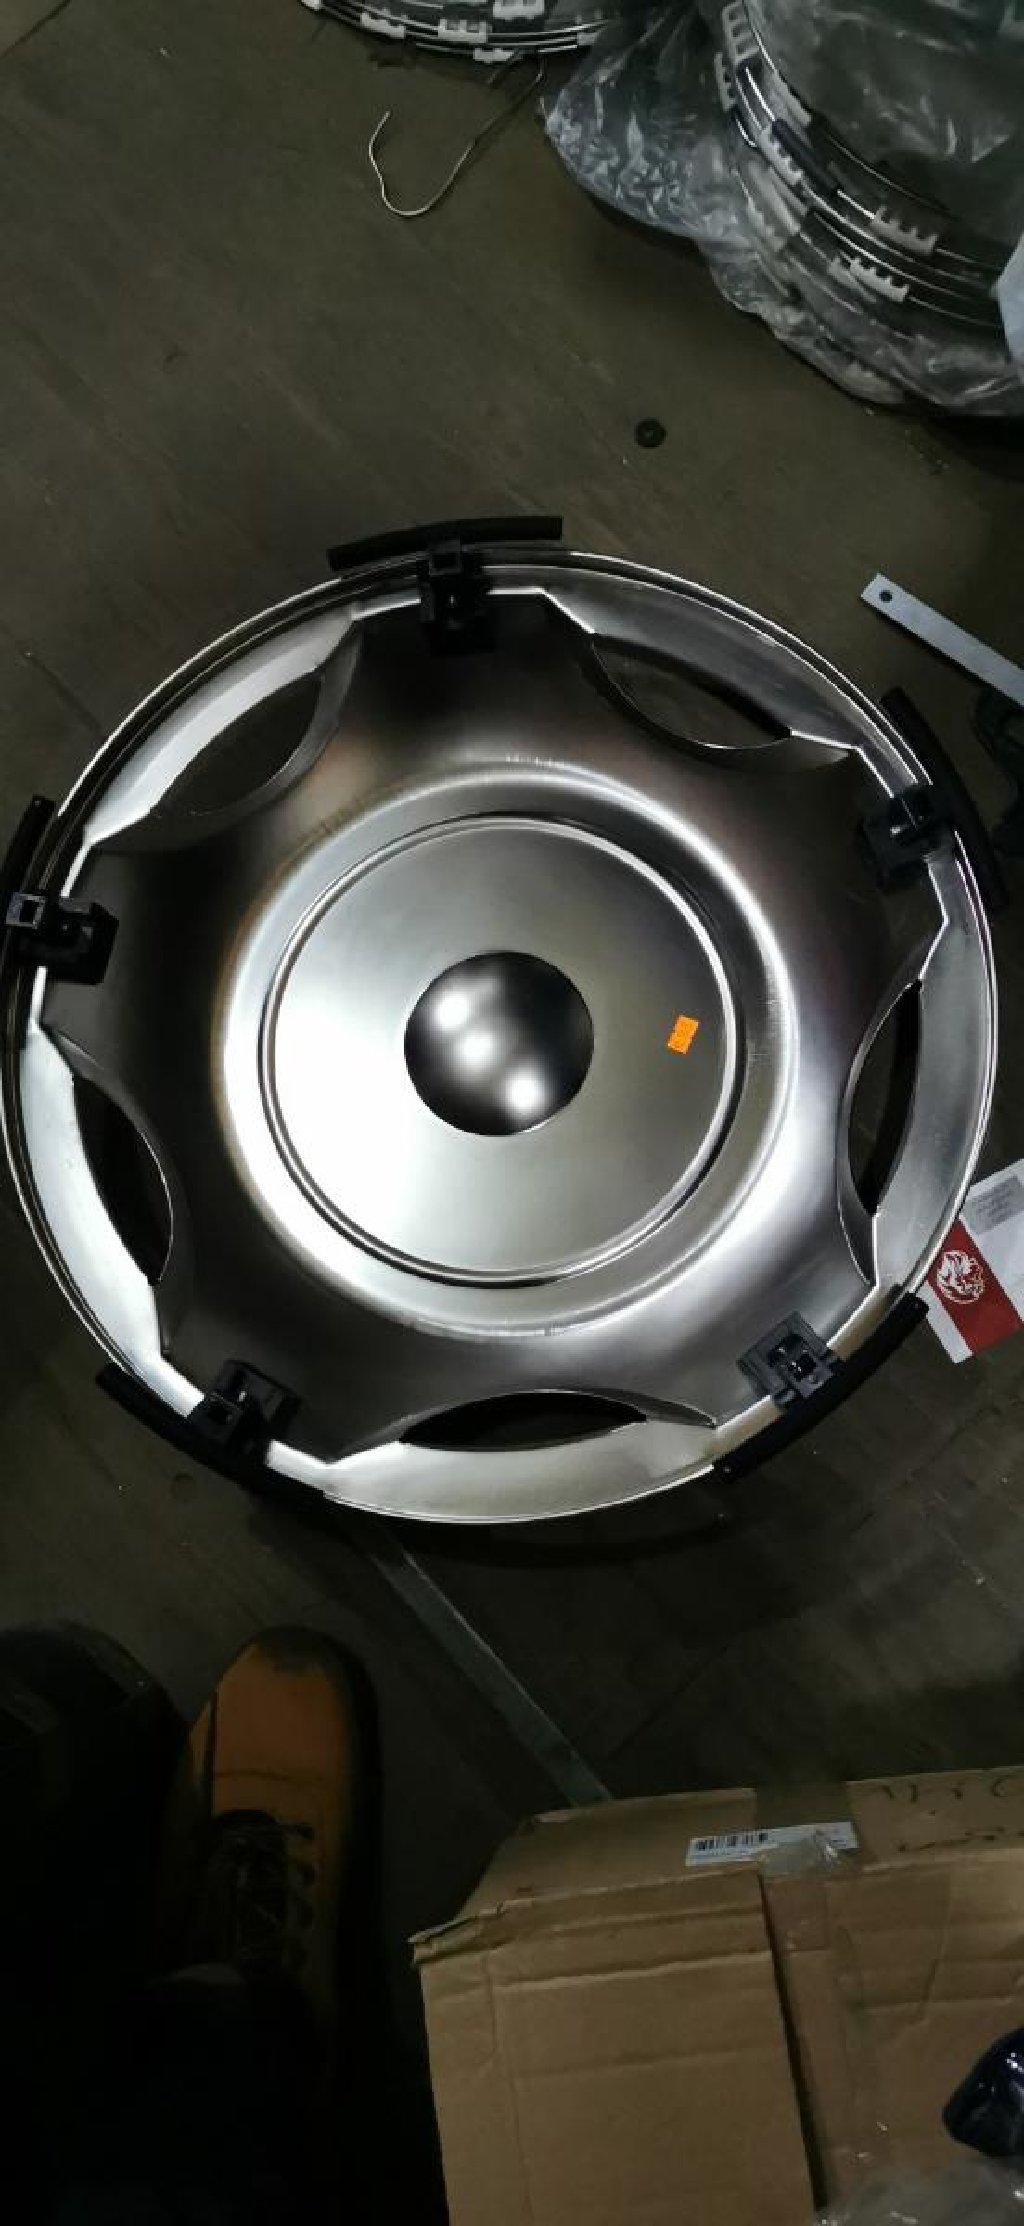 Колпаки хром метал, нержавейка, размеры 17'5 19'5 22'5 колеса: Колпаки хром метал, нержавейка, размеры 17'5 19'5 22'5 колеса